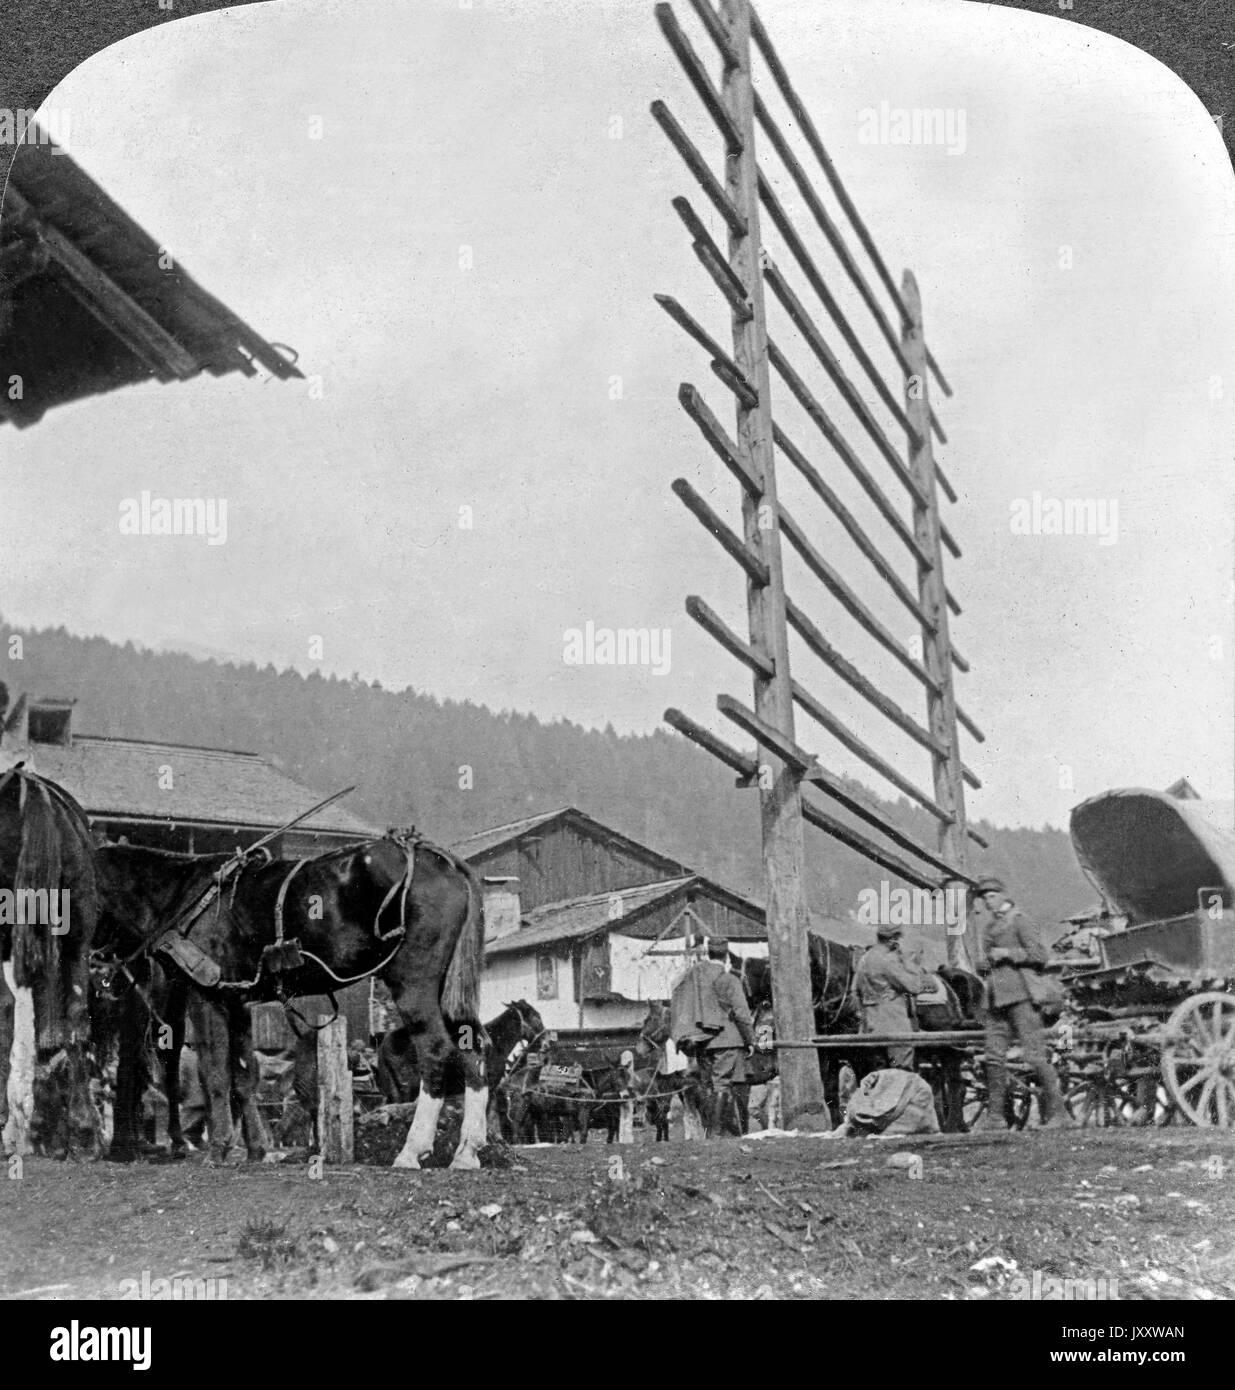 Ein italienisches Basisvorratsdepot, Italien 1916. An Italian base supply depot, Italy 1916. Stock Photo